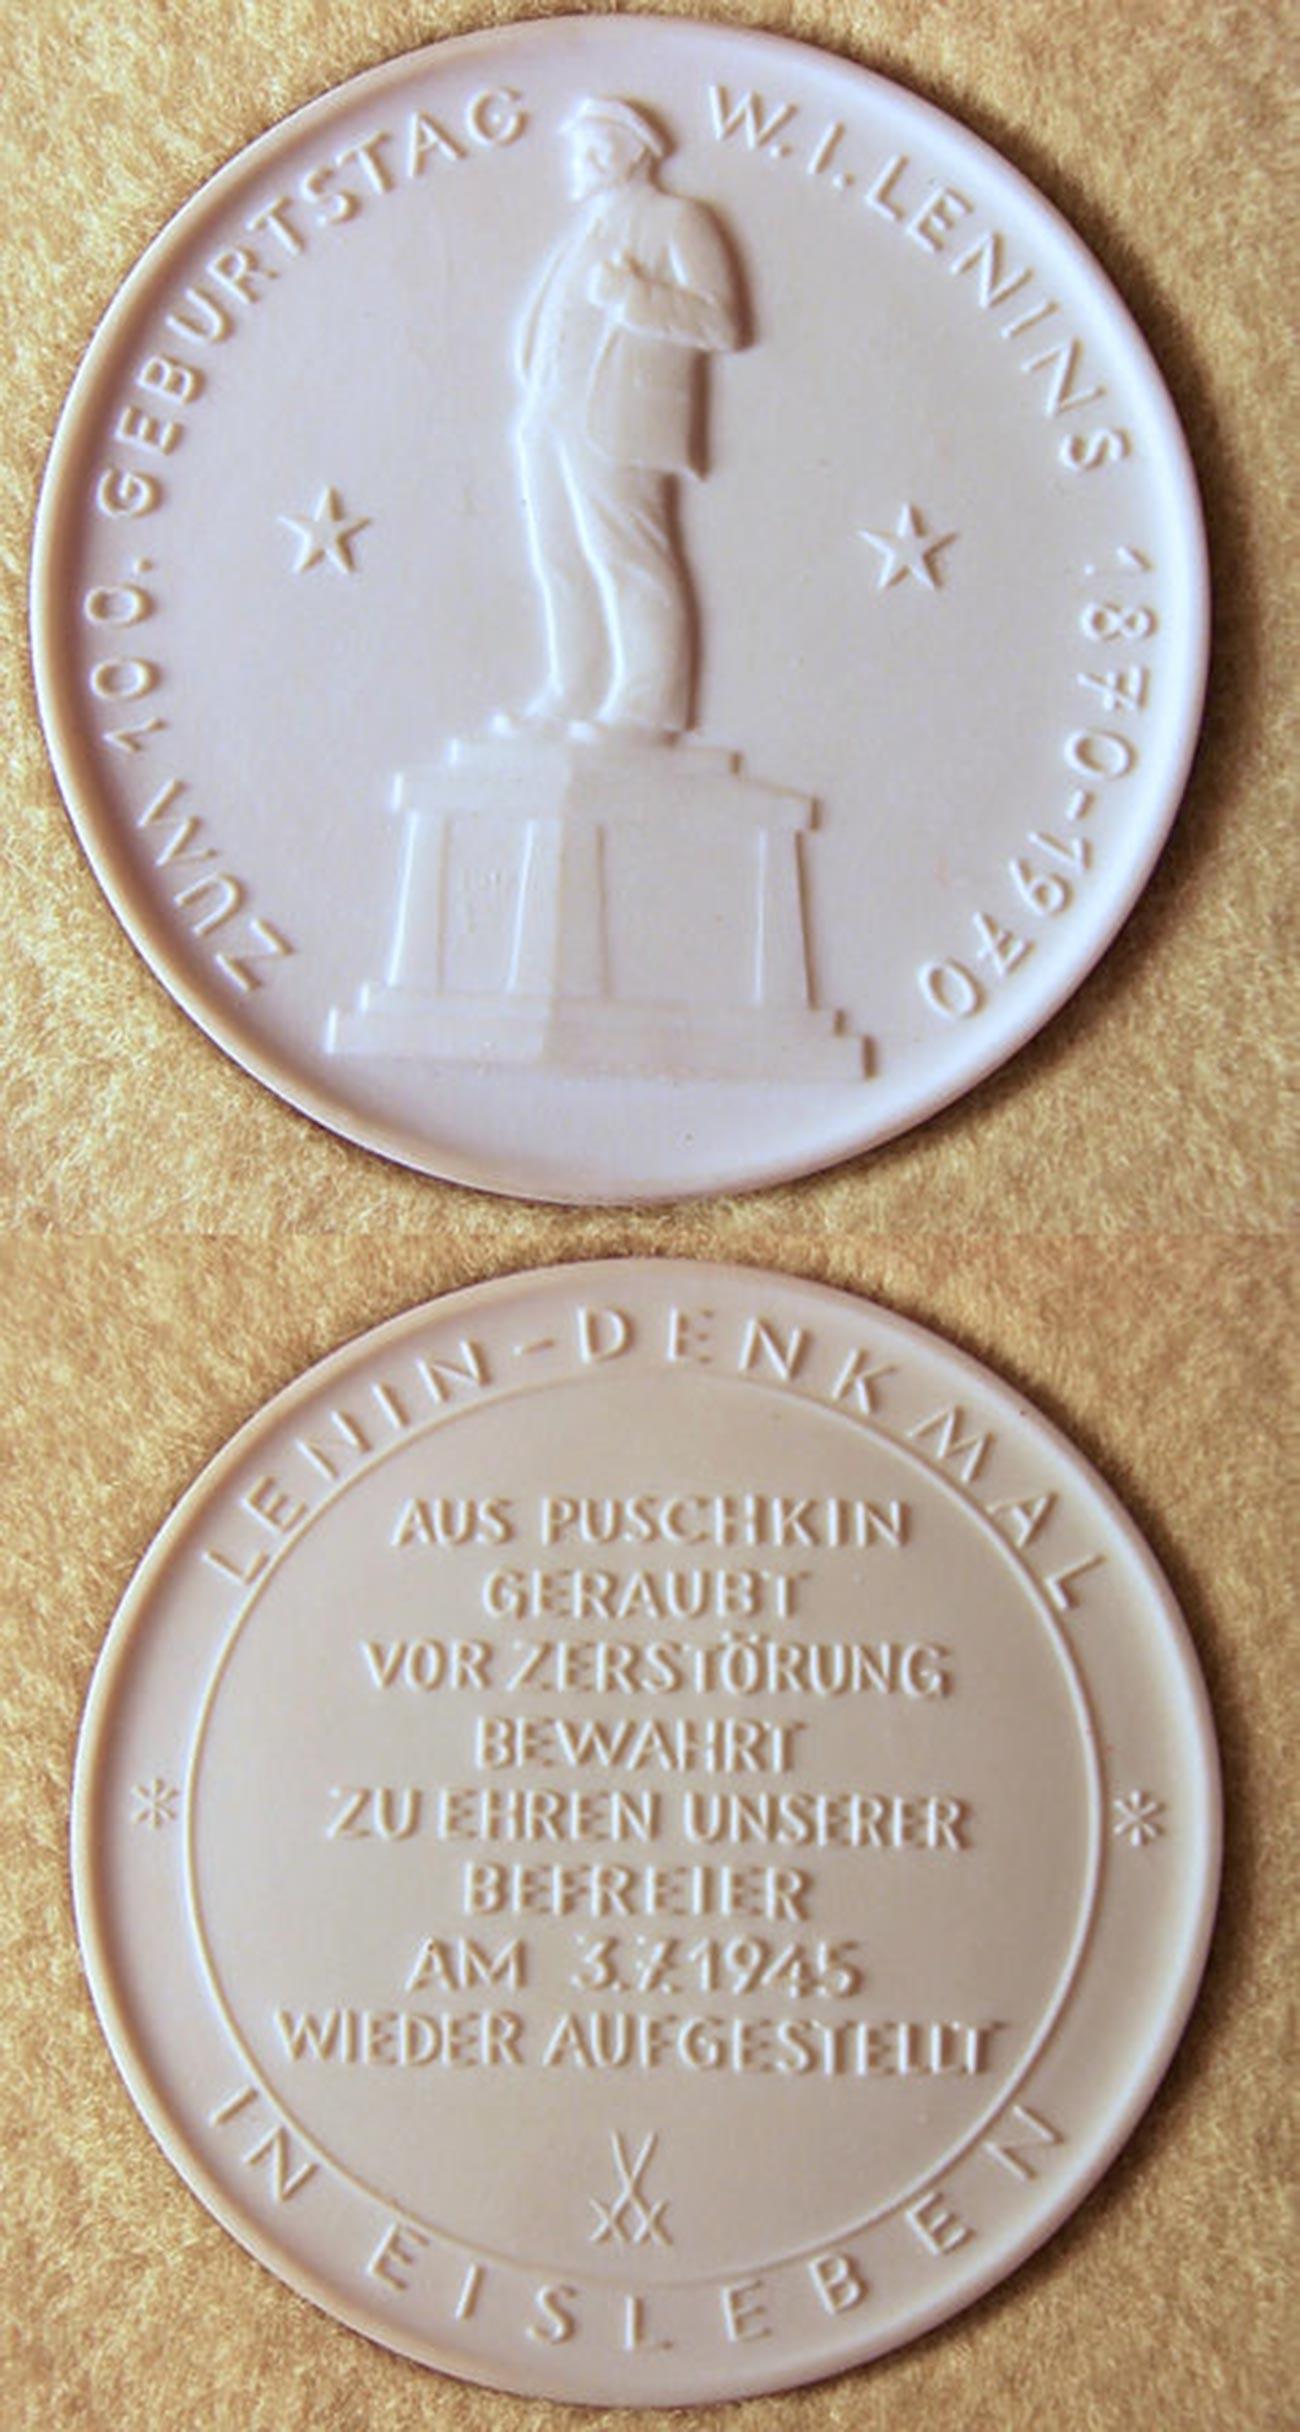 Spominska medalja (1970) iz meissenskega porcelana ob 100. obletnici Leninovega rojstva s podobo Leninovega spomenika v Eislebnu